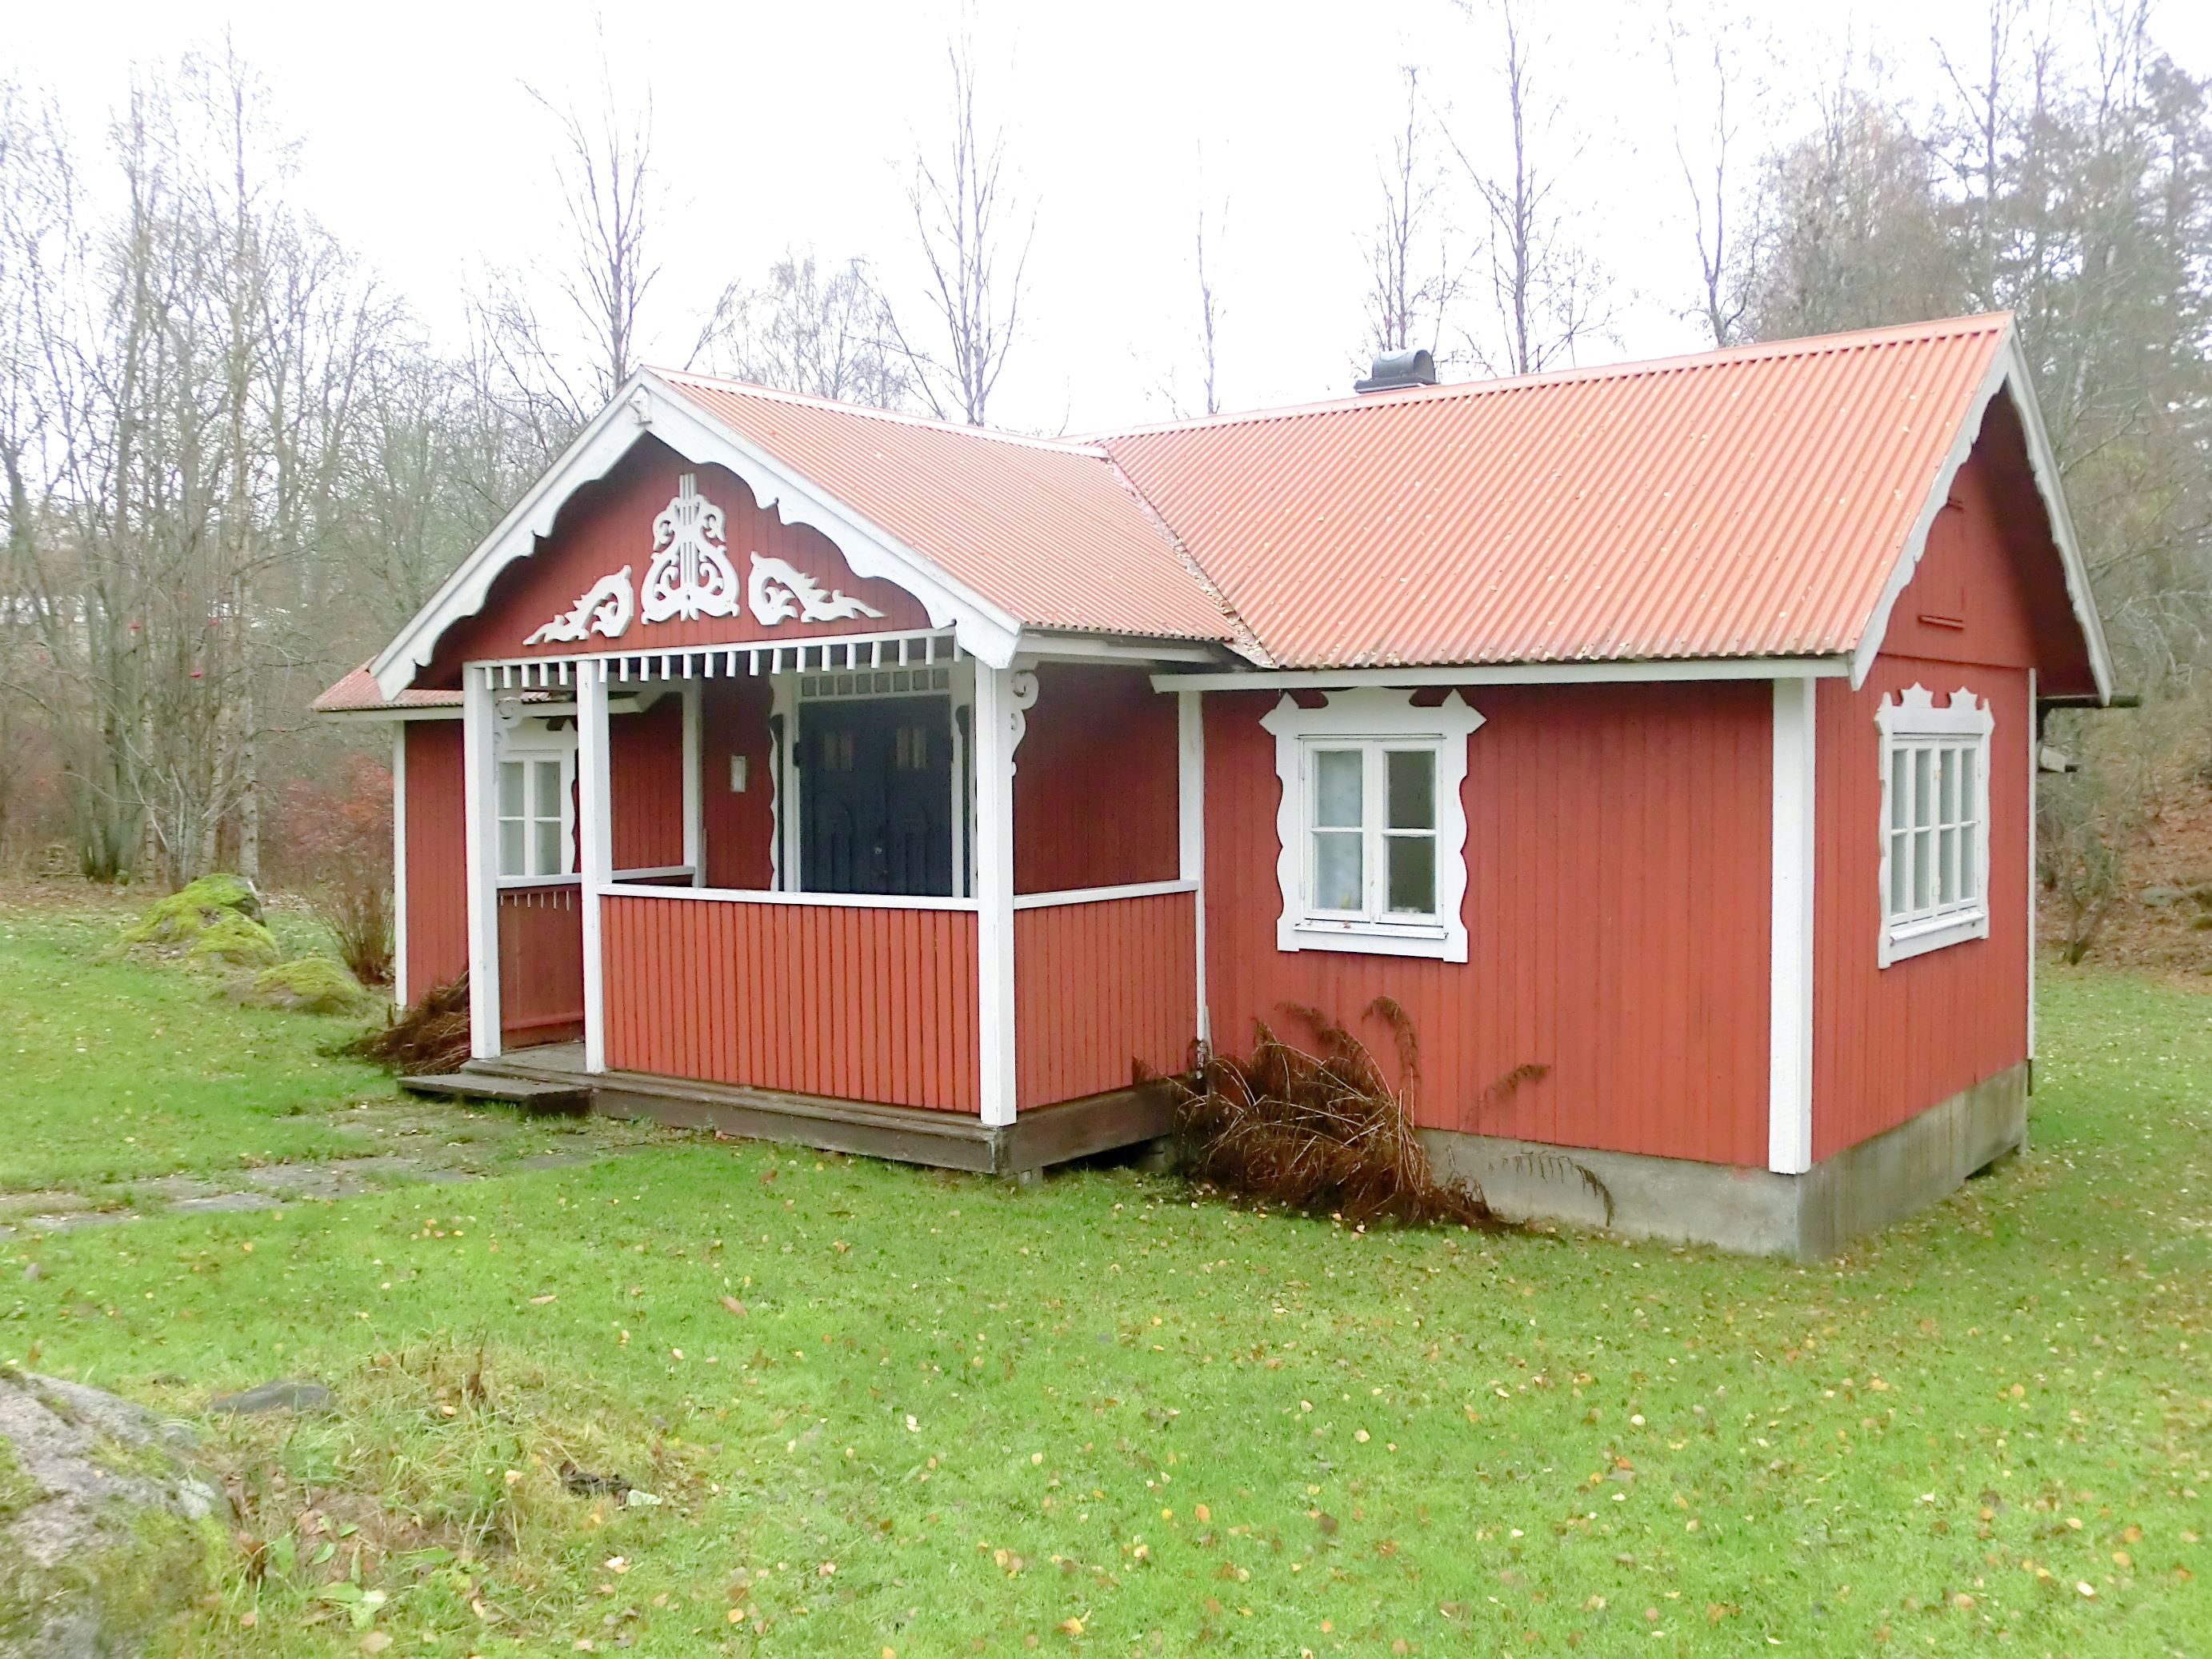 FS85004 Slageryd, Ramkvilla